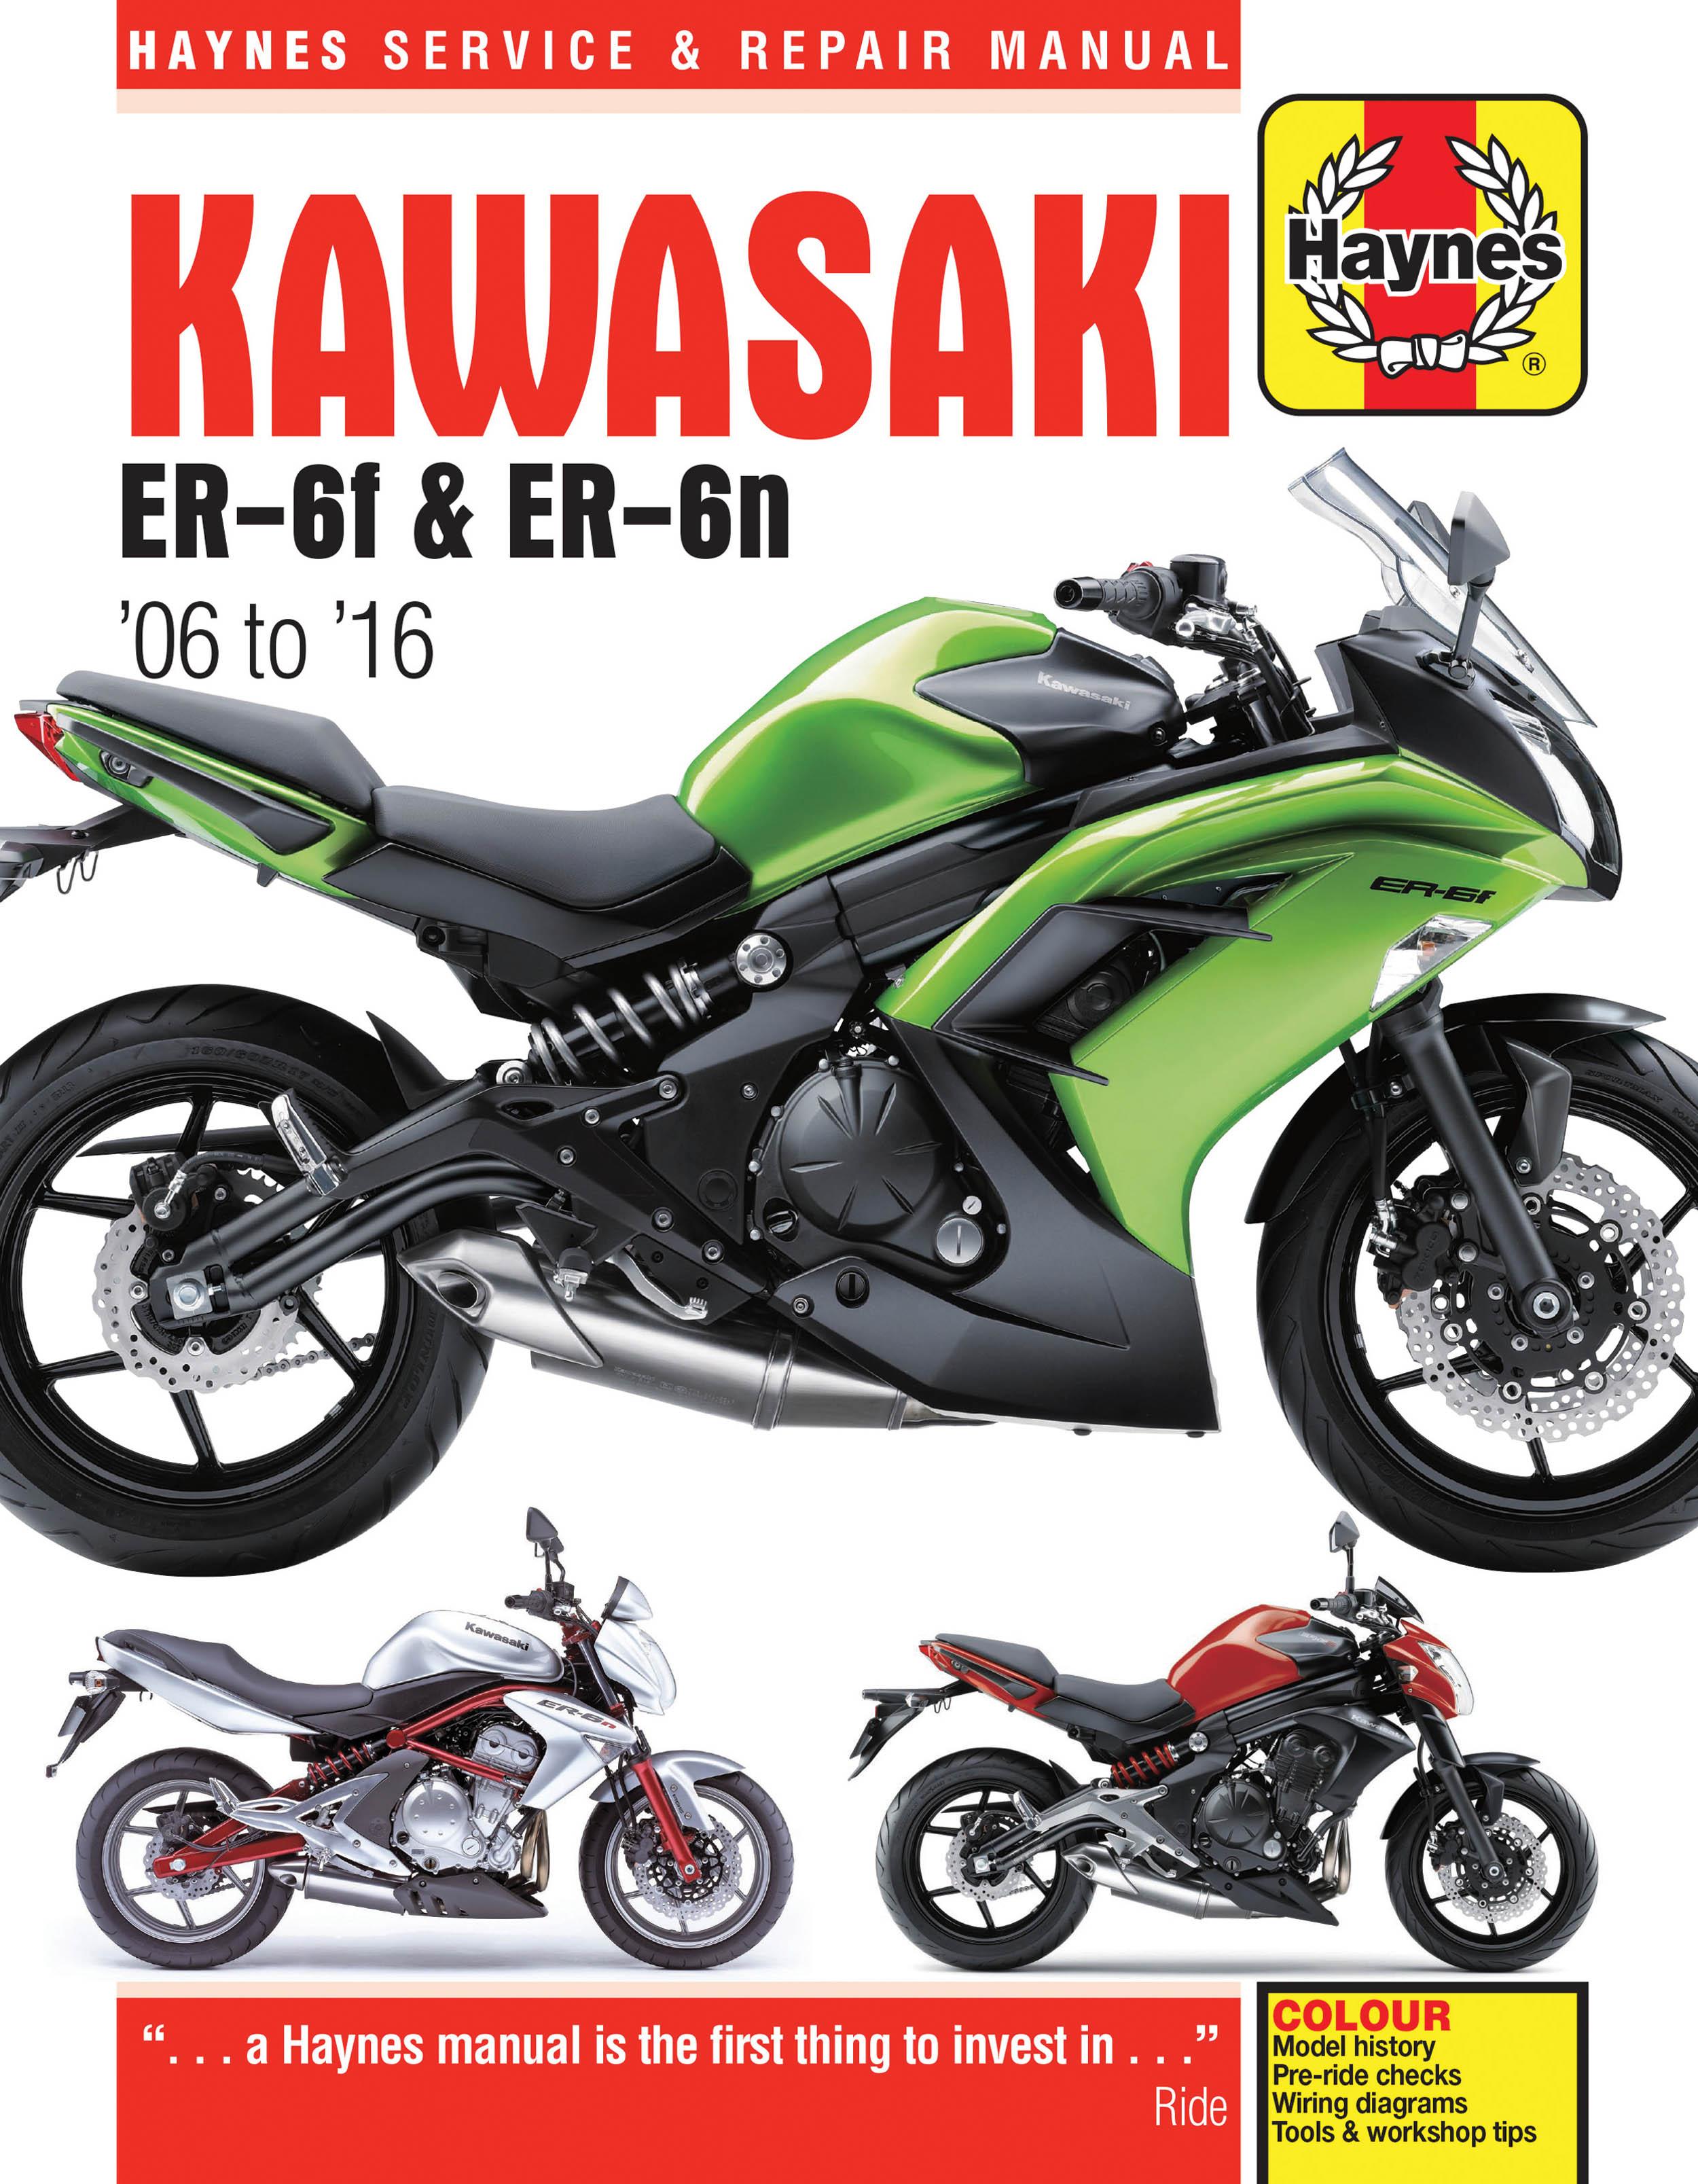 Kawasaki EX650 & ER650 (06-16) Haynes Repair Manual